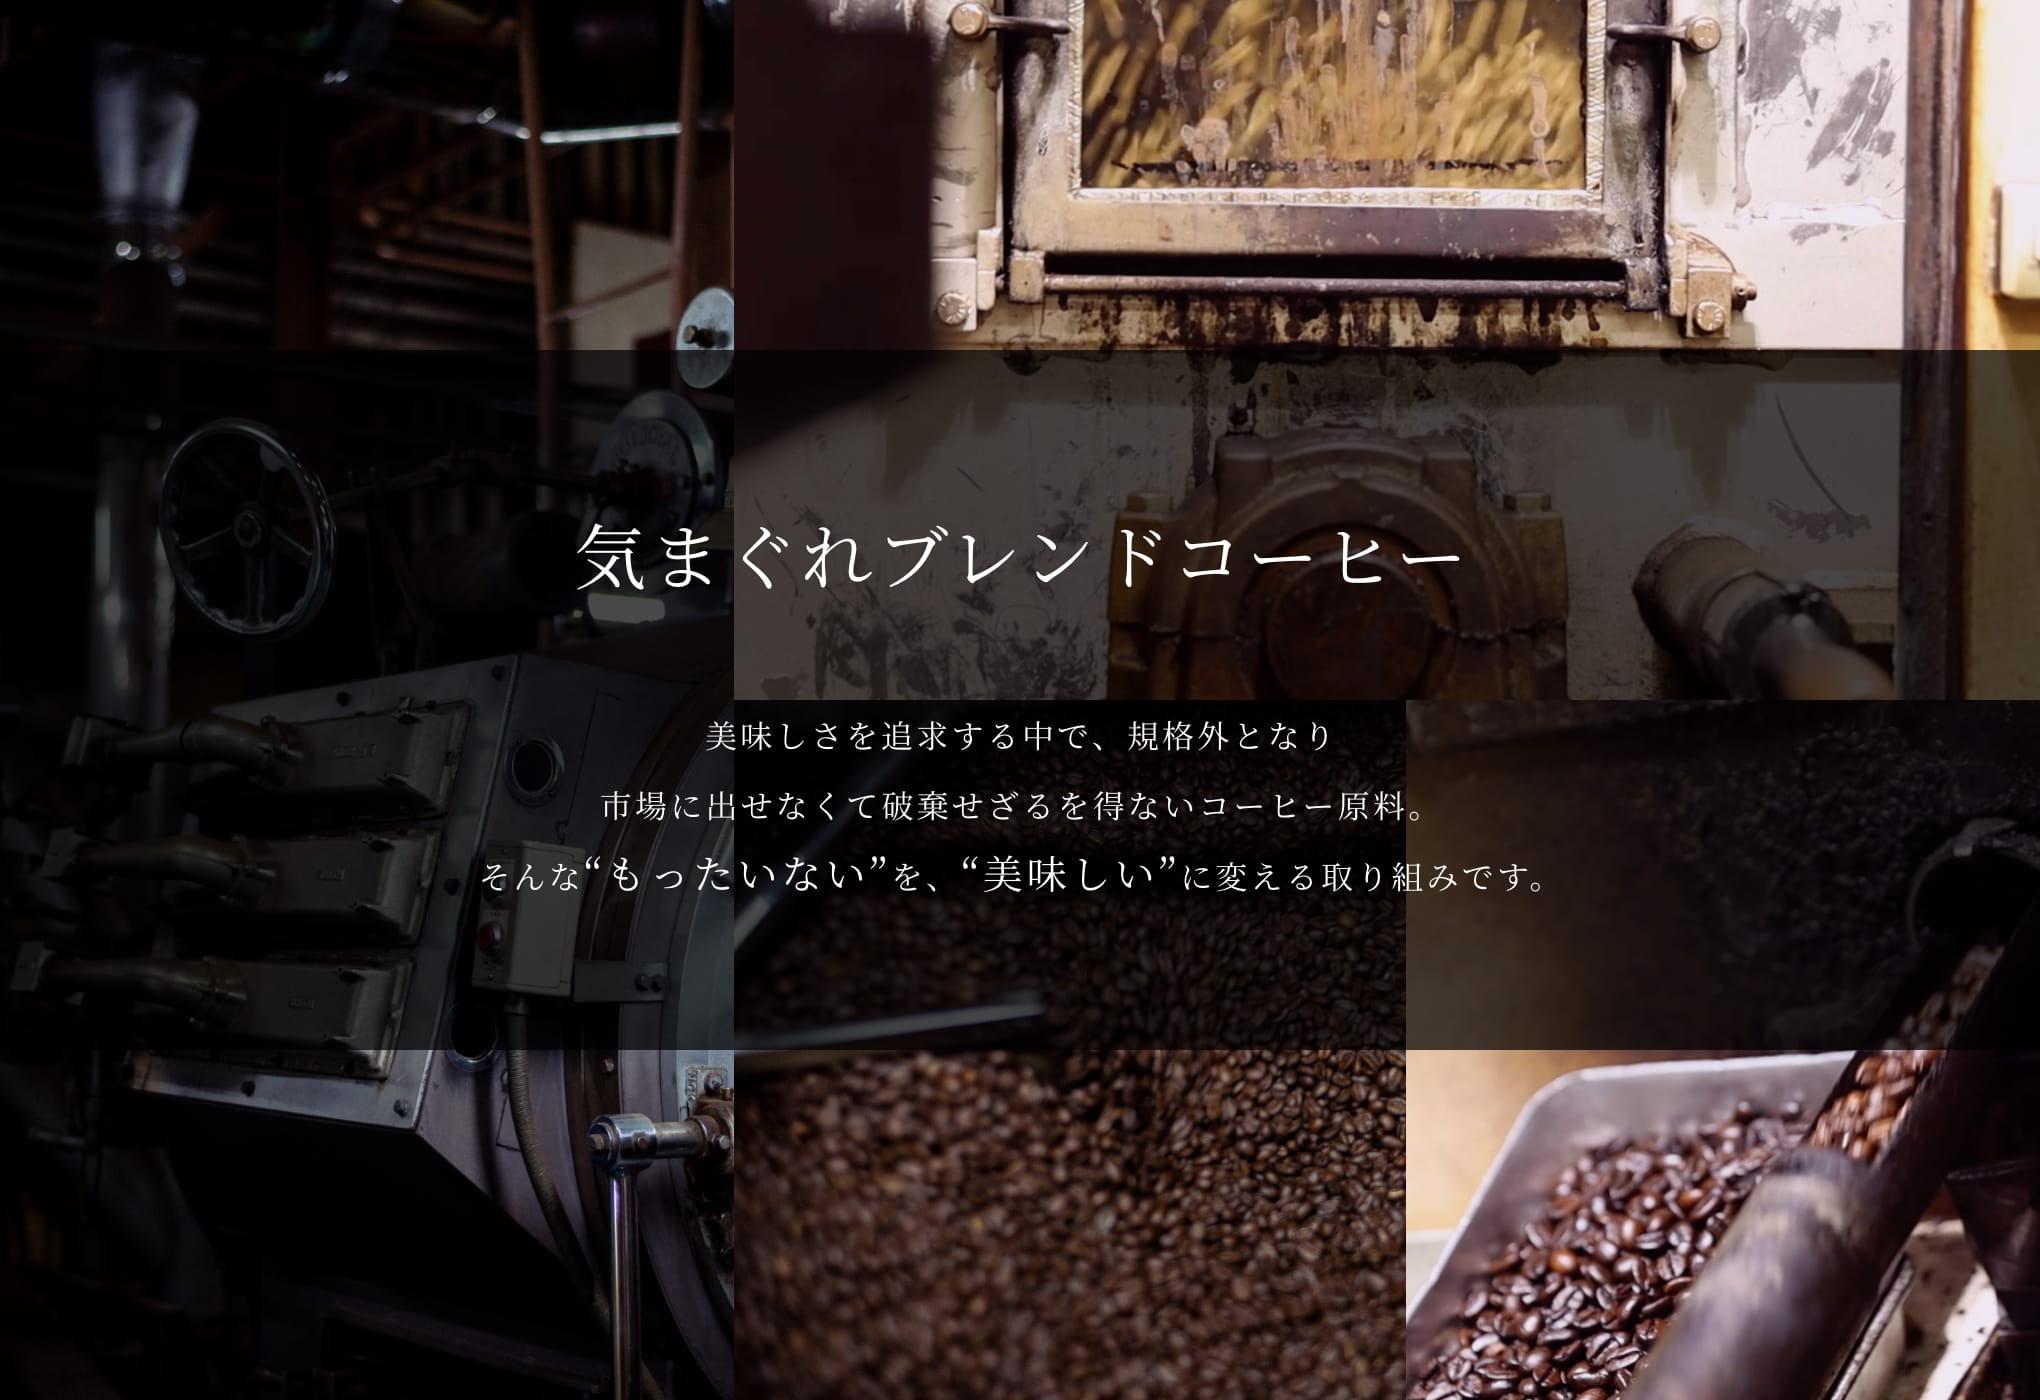 """気まぐれブレンドコーヒー 美味しさを追求する中で、規格外となり市場に出せなくて破棄せざるを得ないコーヒー原料。そんな""""もったいない""""を、""""美味しい""""に変える取り組みです。"""